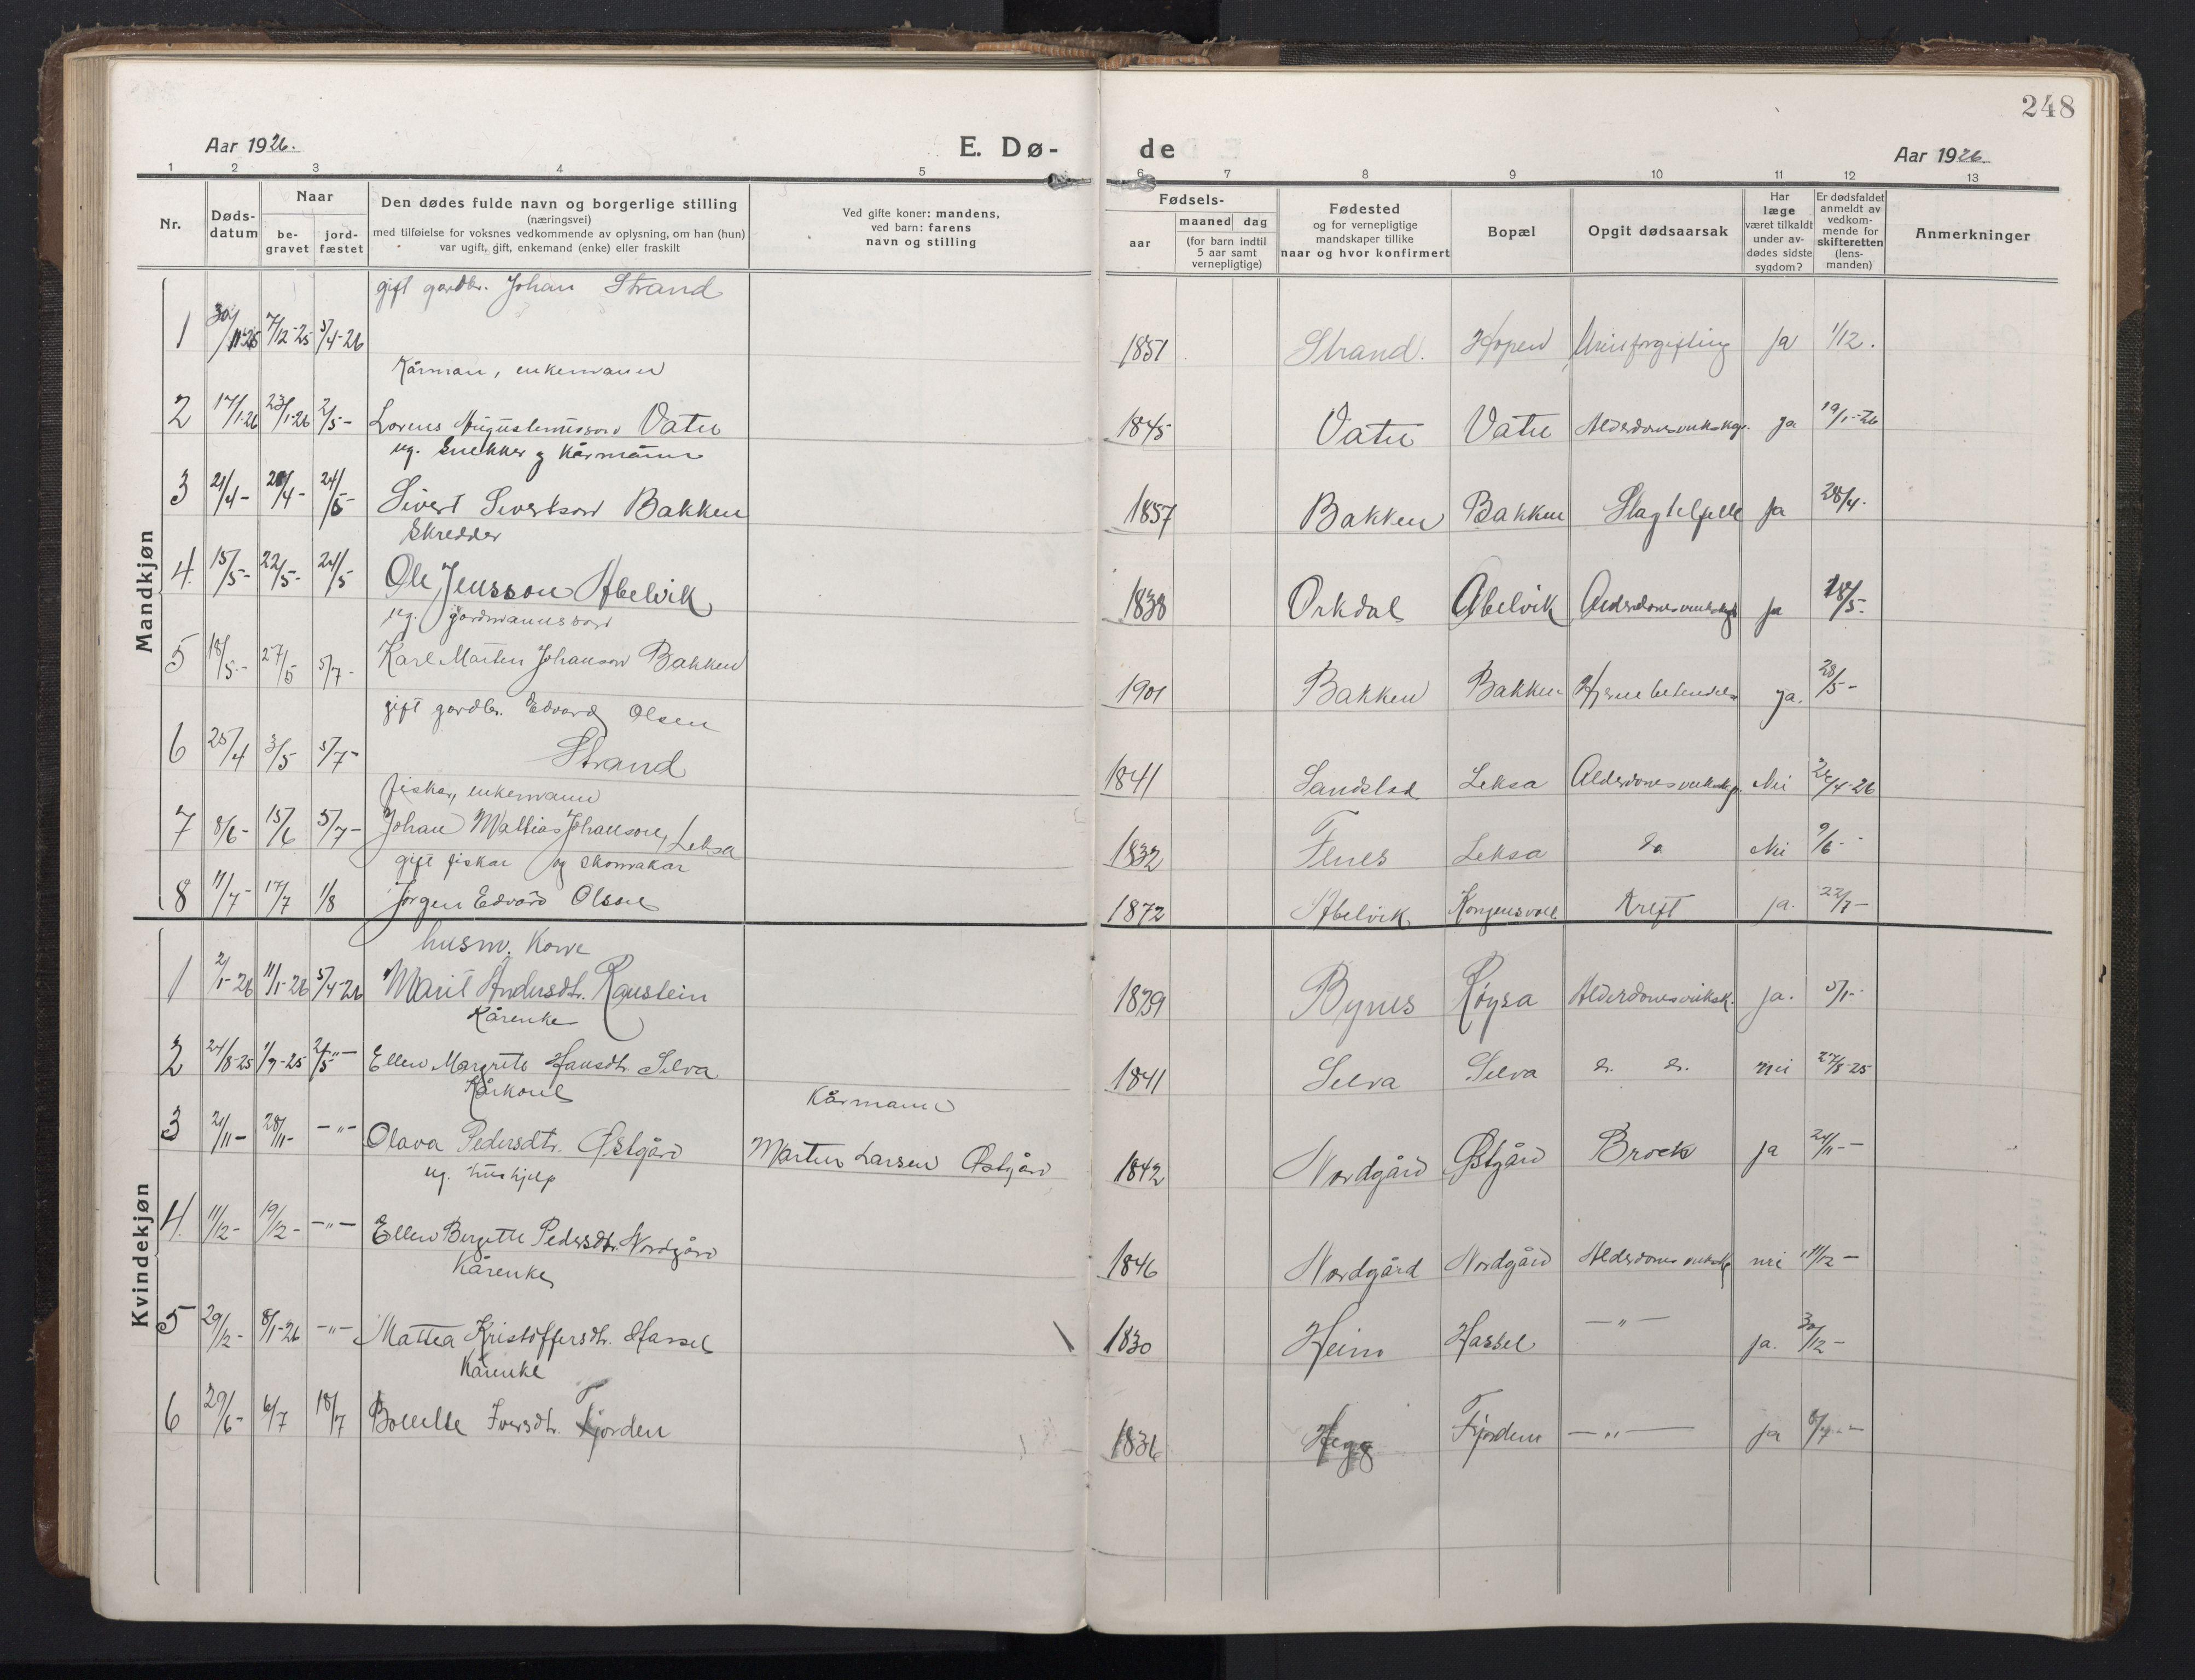 SAT, Ministerialprotokoller, klokkerbøker og fødselsregistre - Sør-Trøndelag, 662/L0758: Klokkerbok nr. 662C03, 1918-1948, s. 248